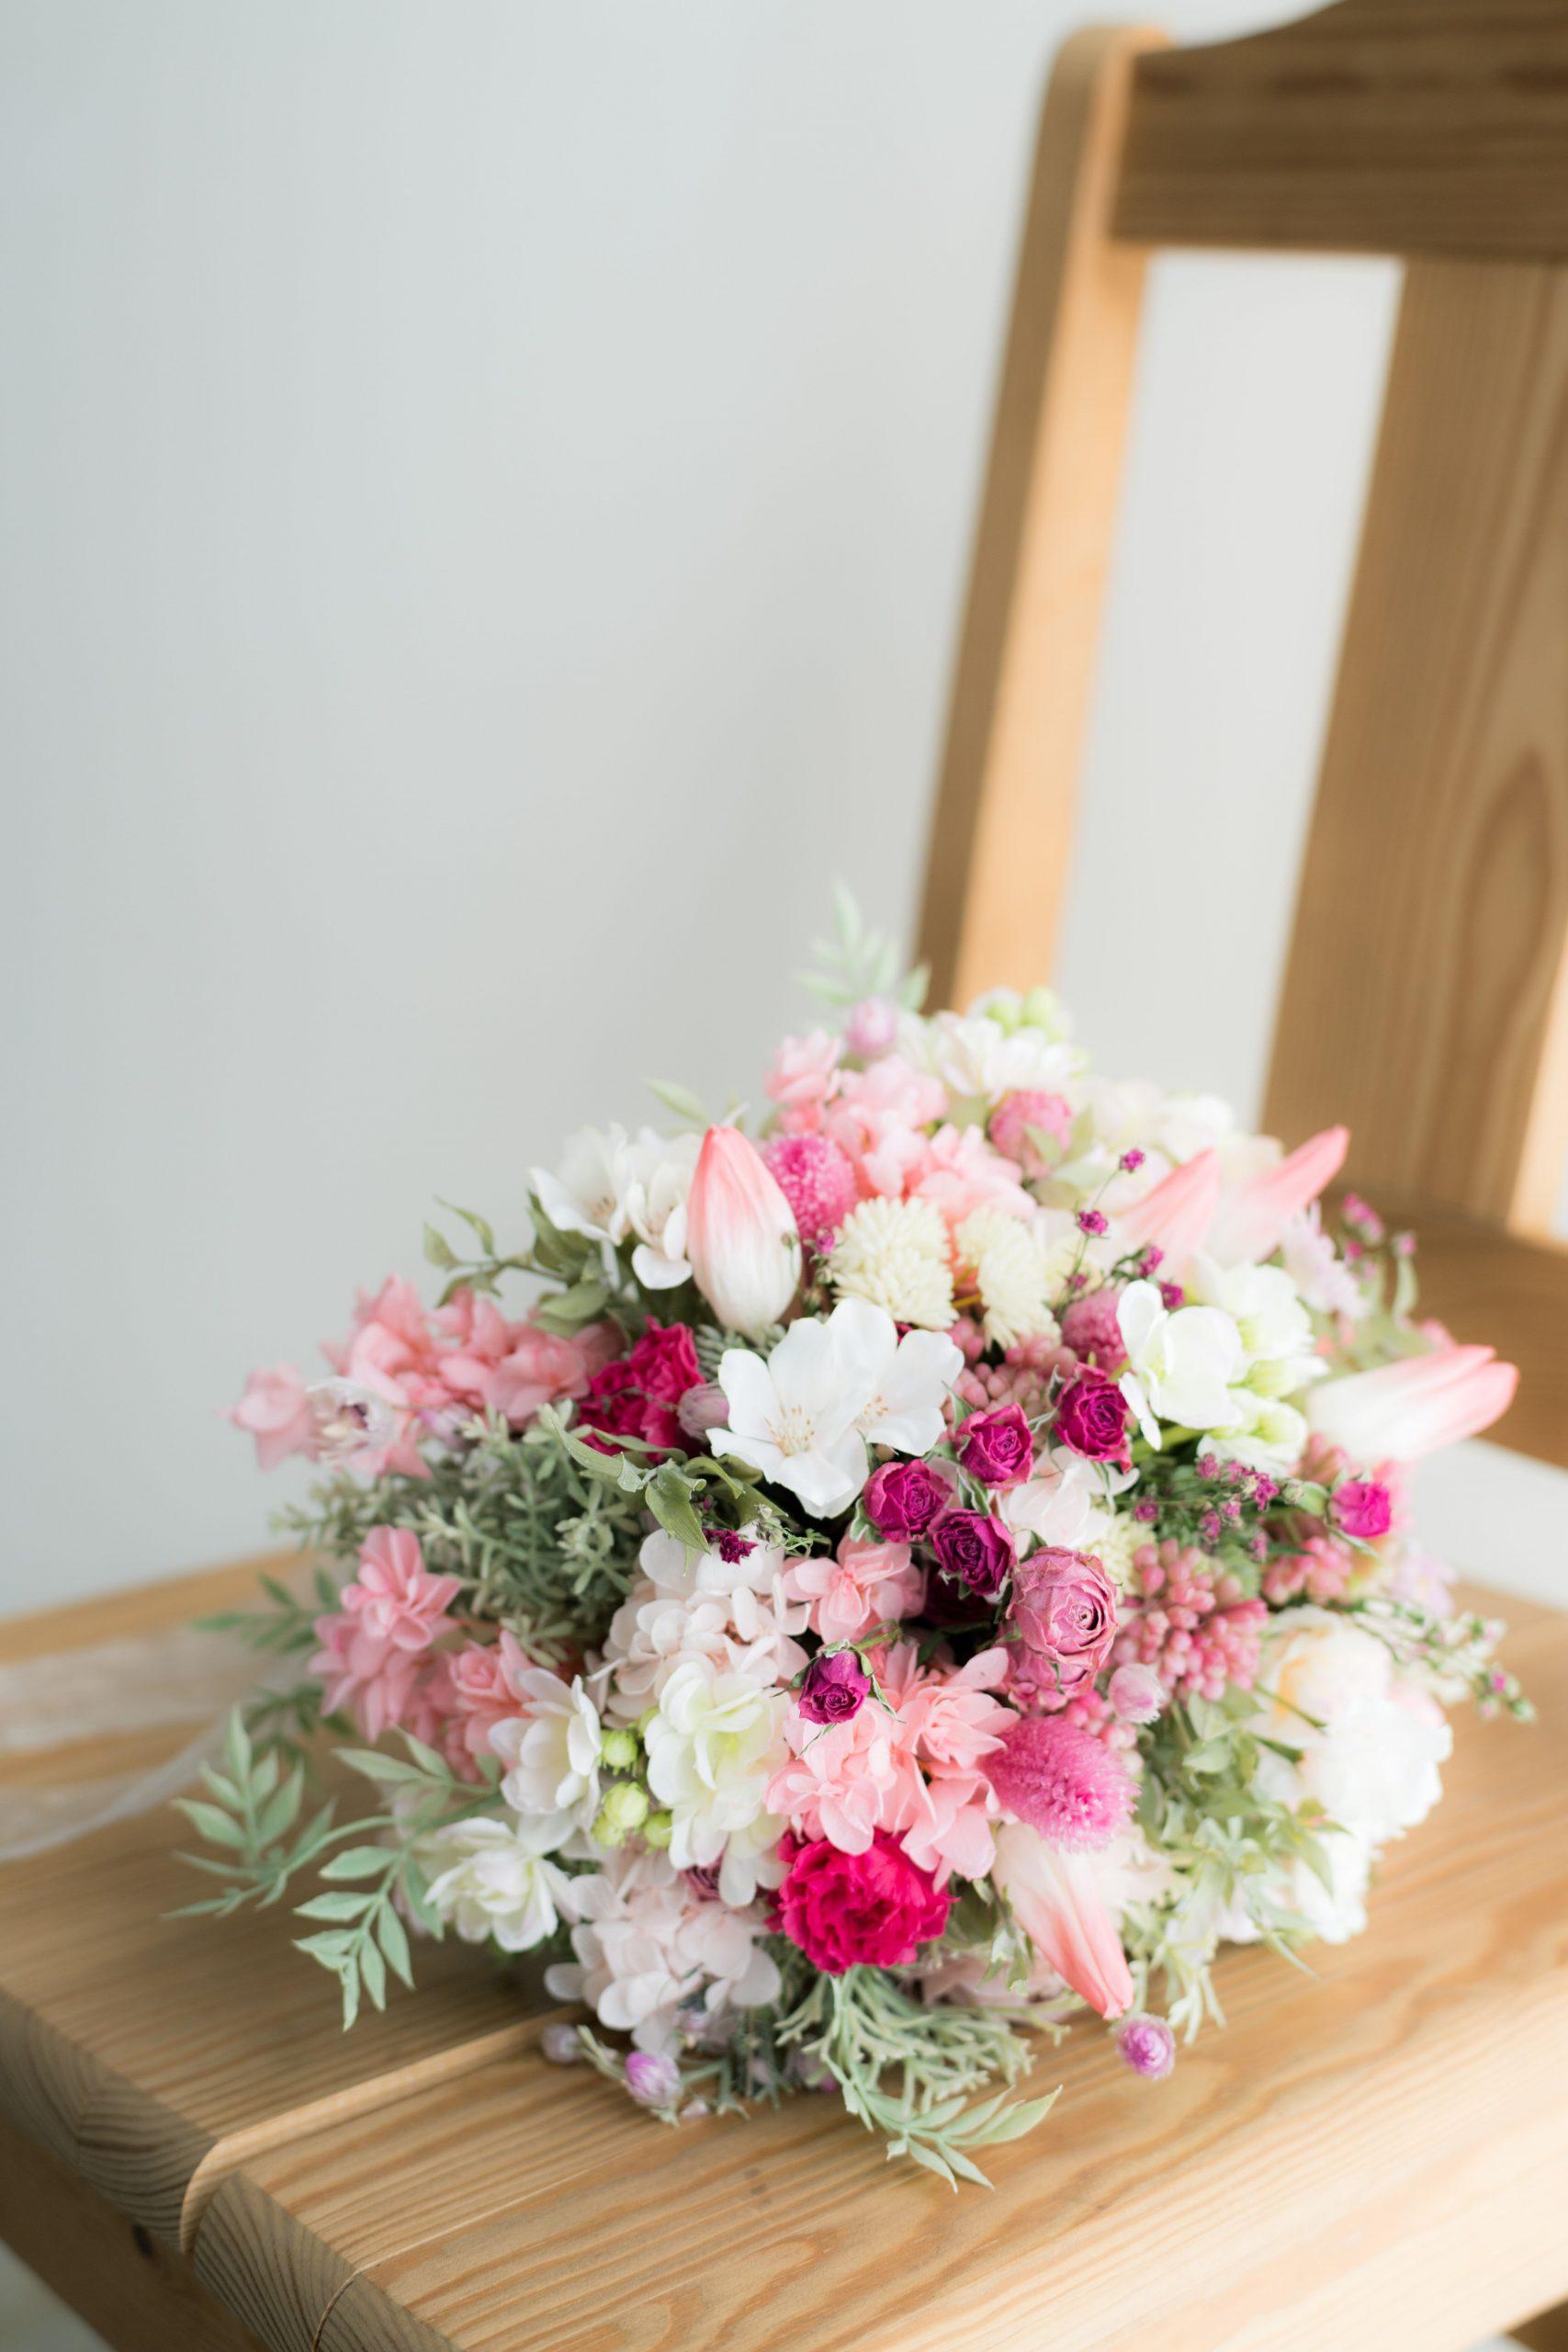 プリザーブドフラワーのお花といえば・・・